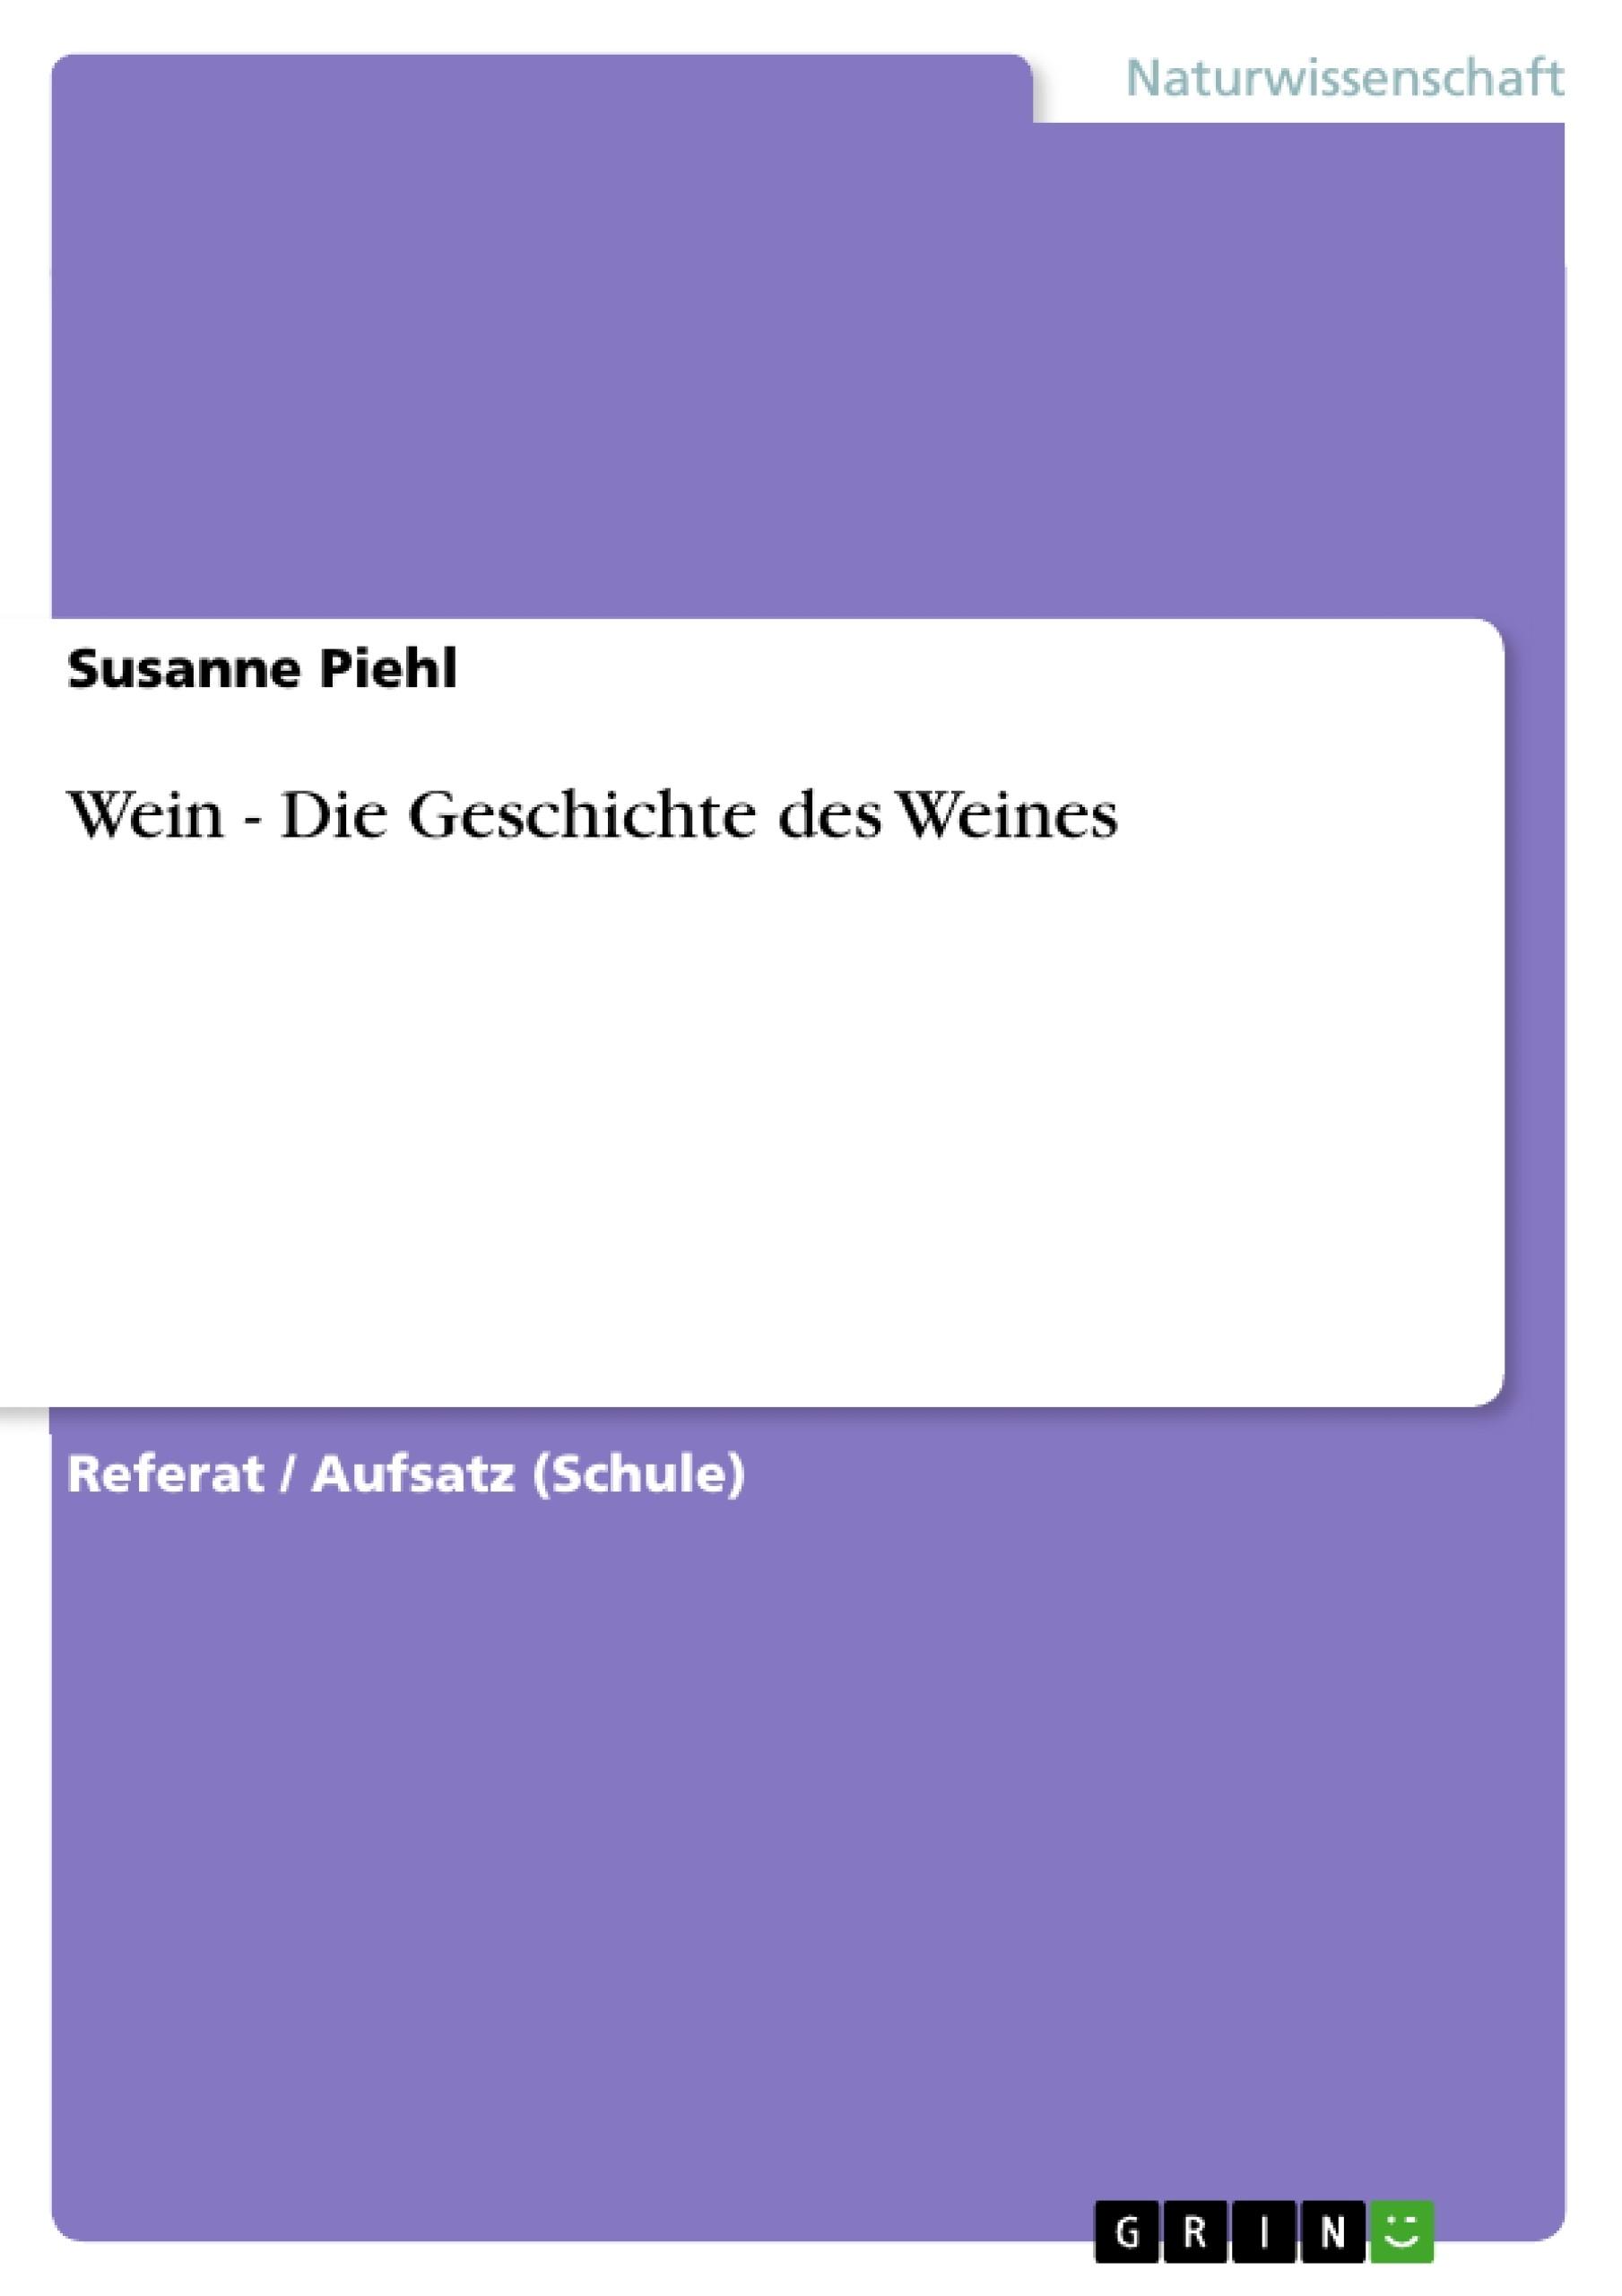 Wein - Die Geschichte des Weines | Masterarbeit, Hausarbeit ...